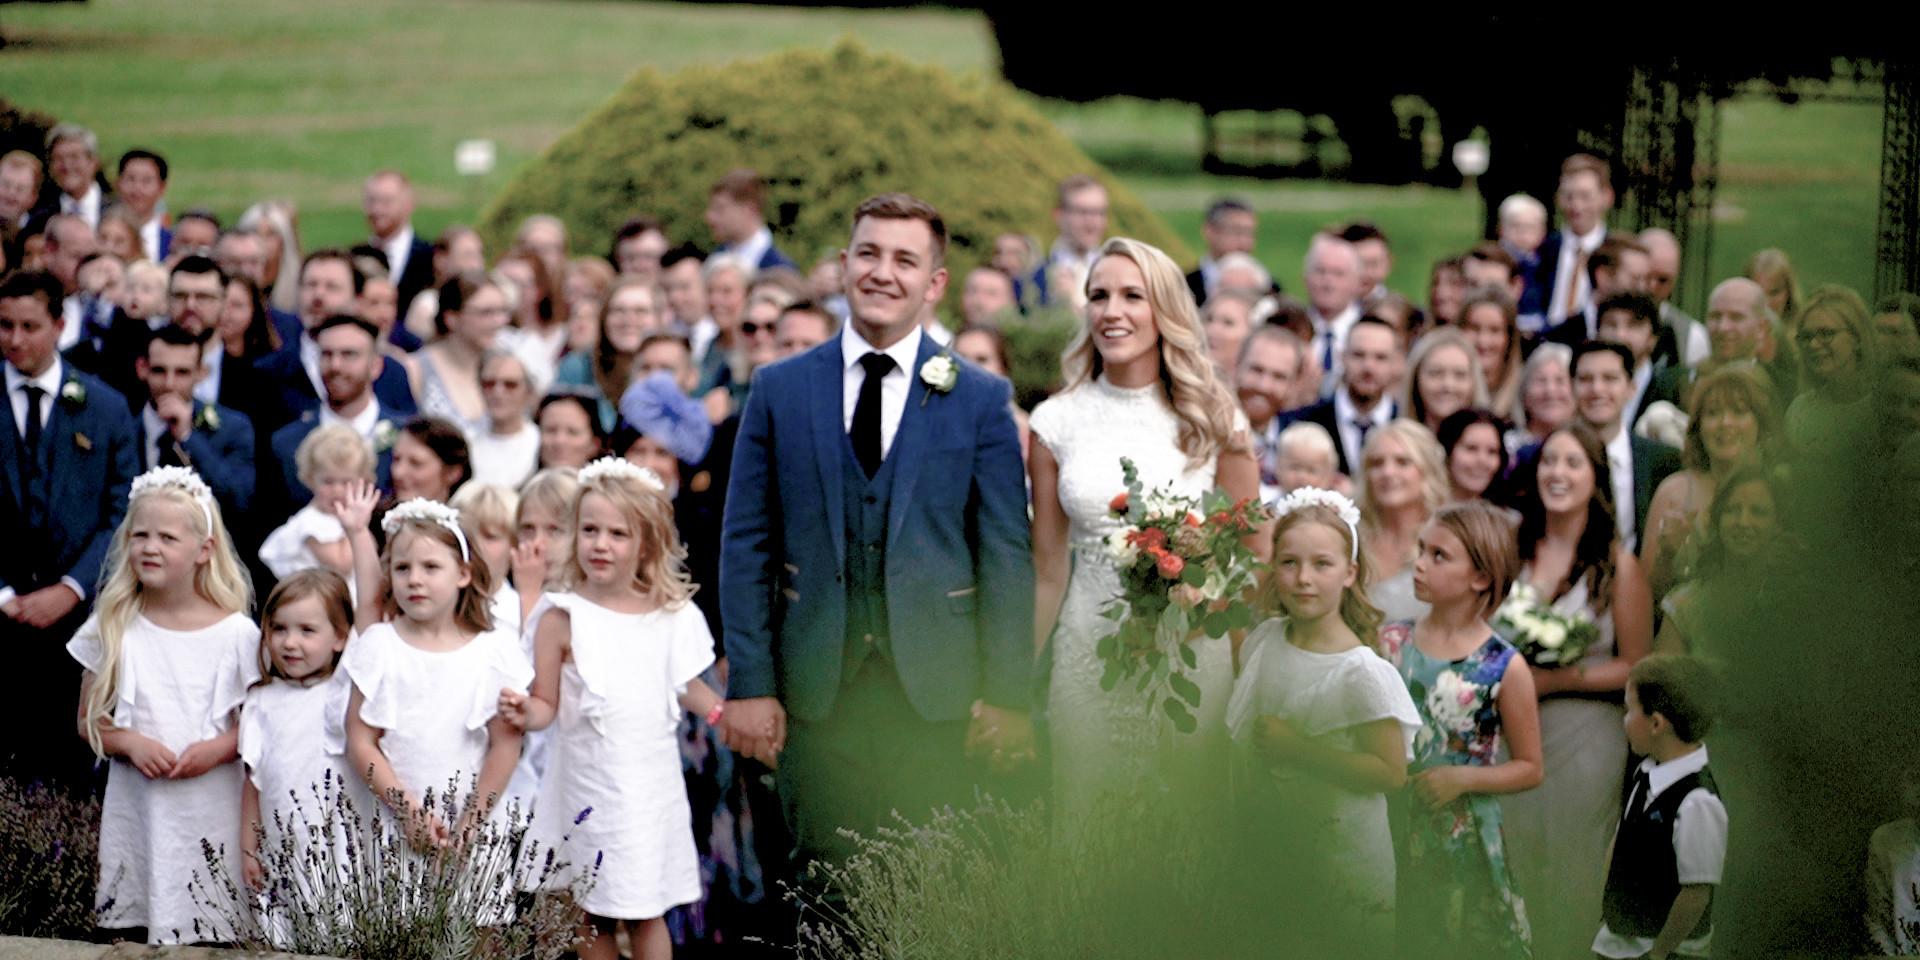 Wedding-ShortFilm.00_07_19_00.Still079.j